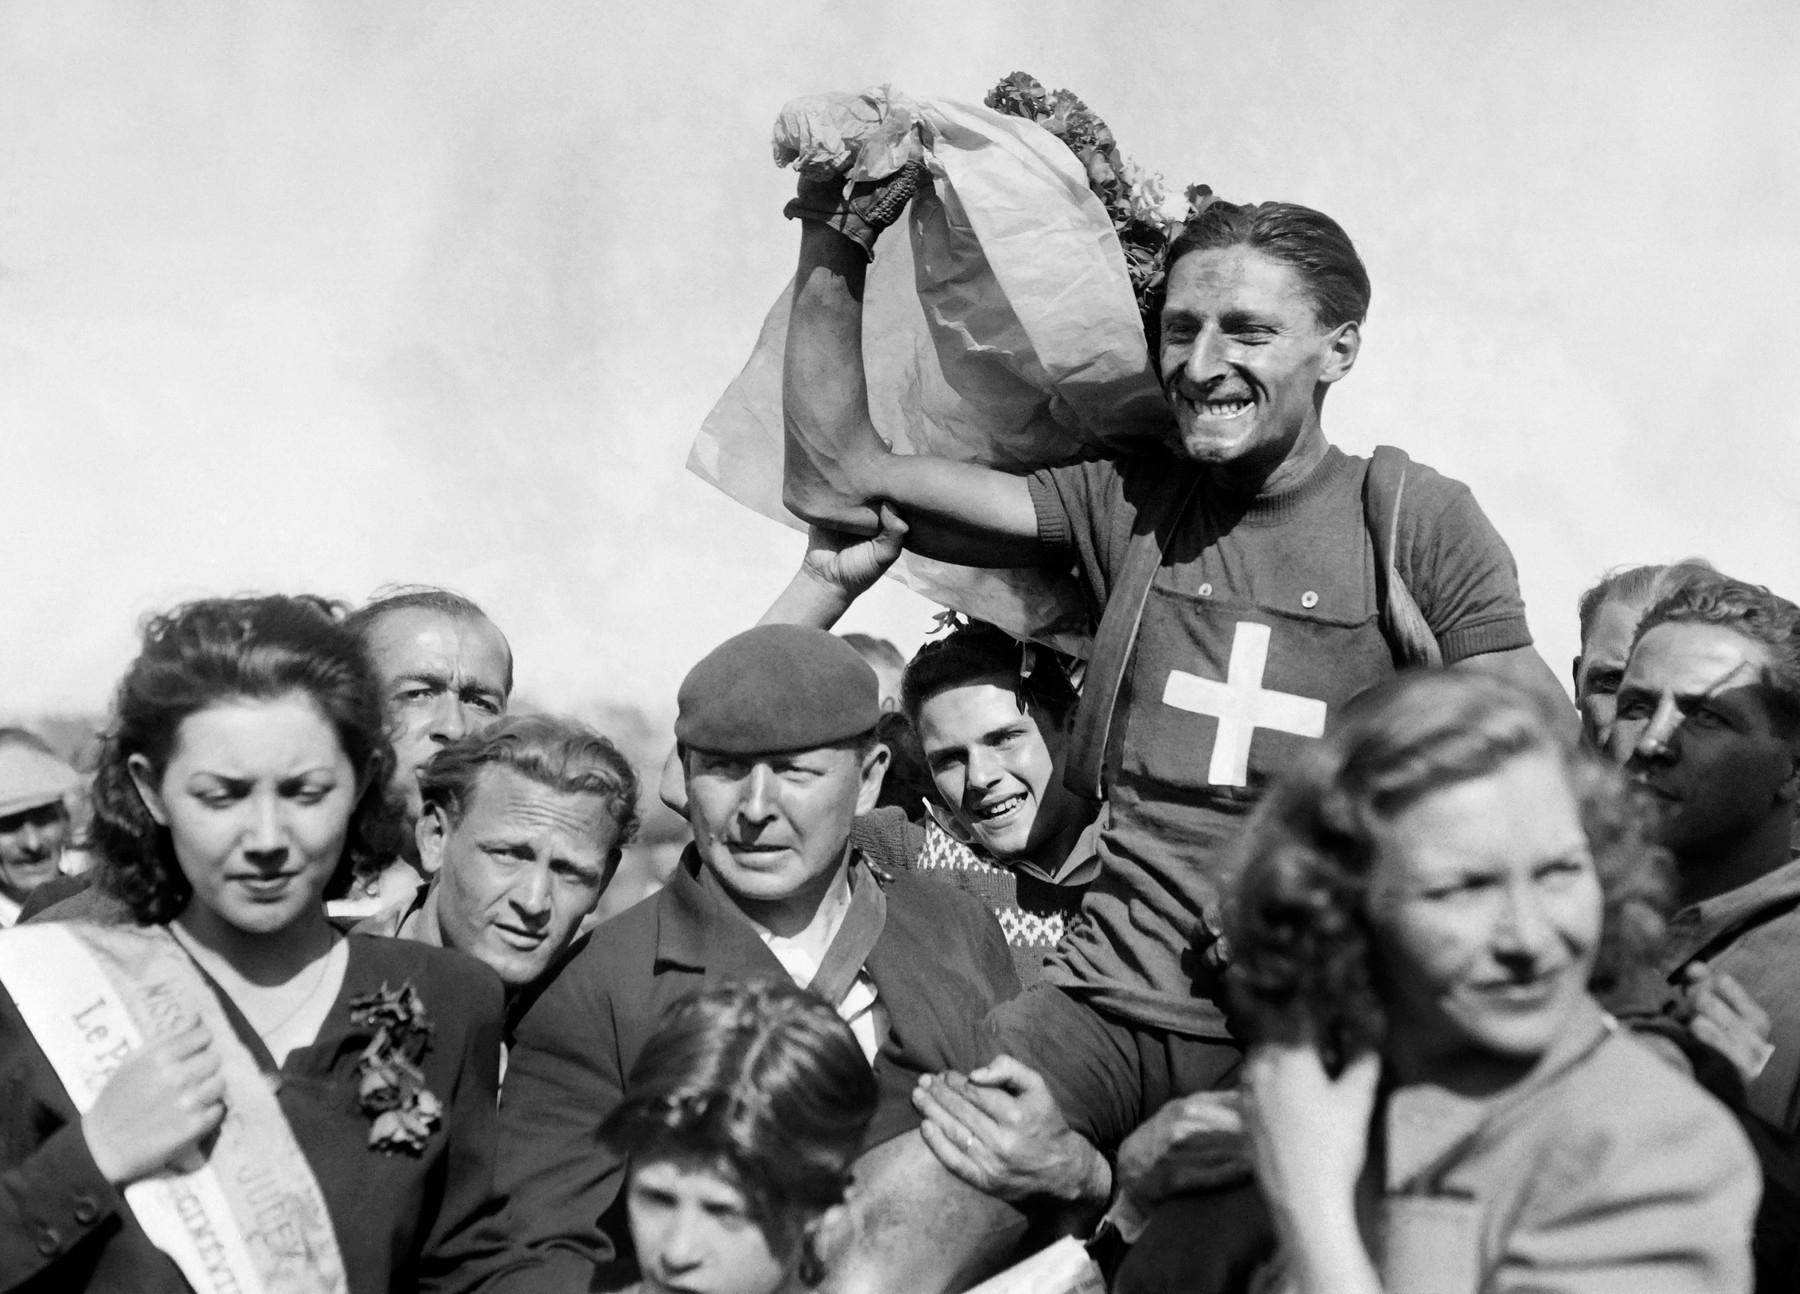 Ferdinant Kubler nad hlavami fanoušků po vítězství v první poválečné etapě Tour de France v roce 1947. Foto: profimedia